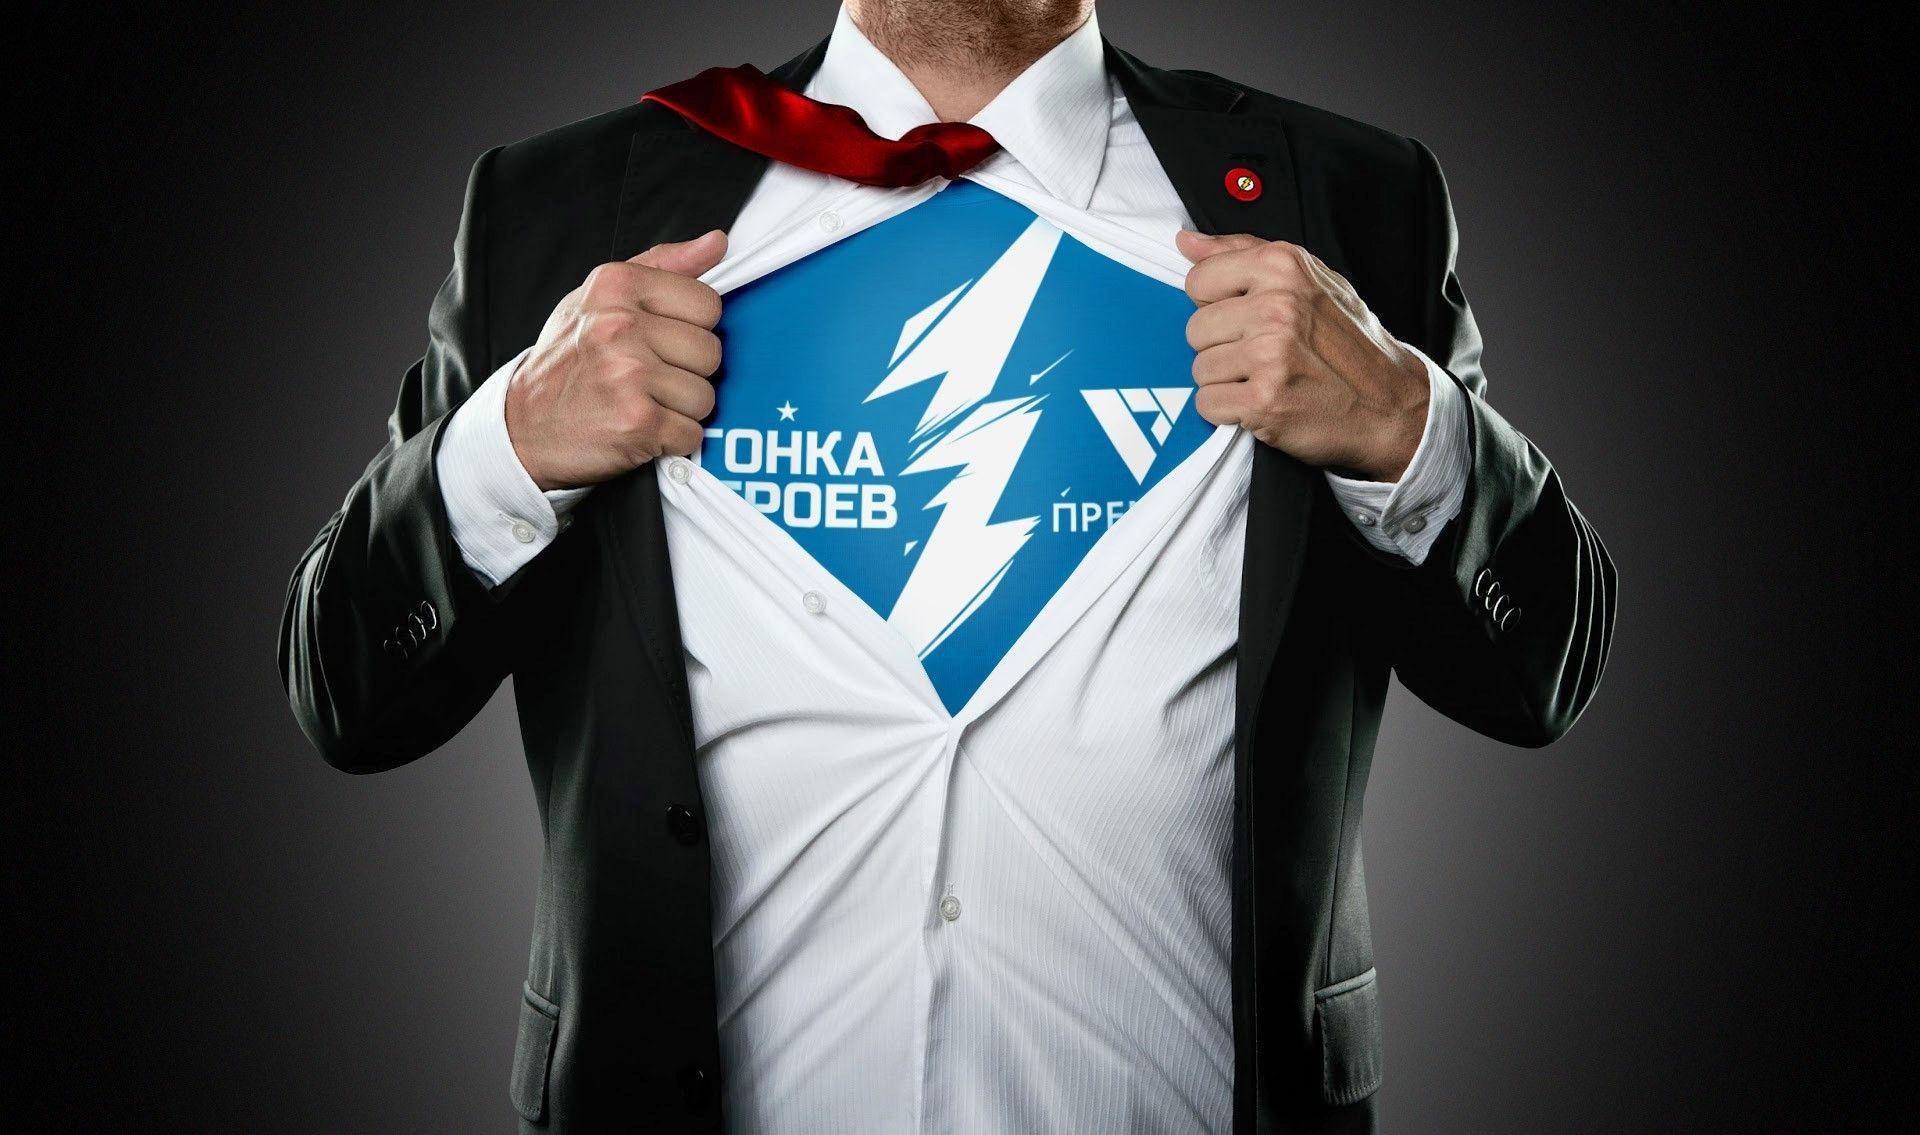 Дизайн иллюстрации на футболку Гонка Героев